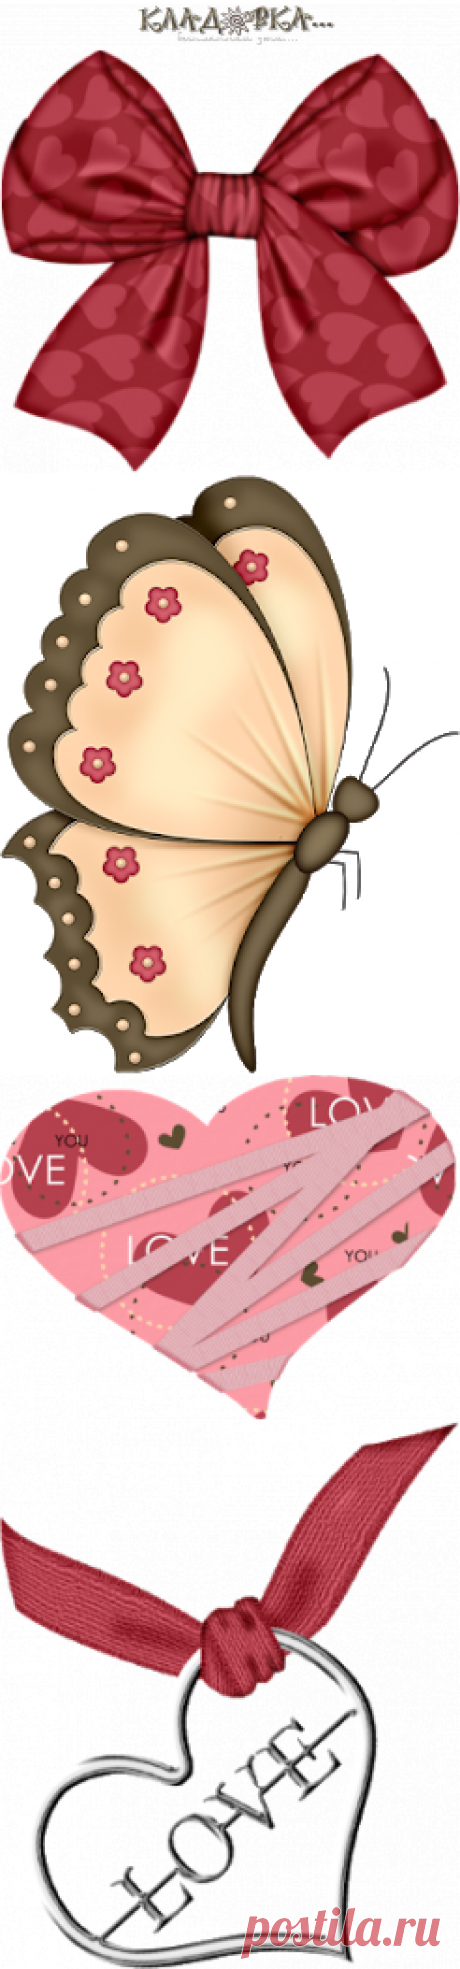 Кладовка...: Love - распакованный скрап-набор для фотошопа png